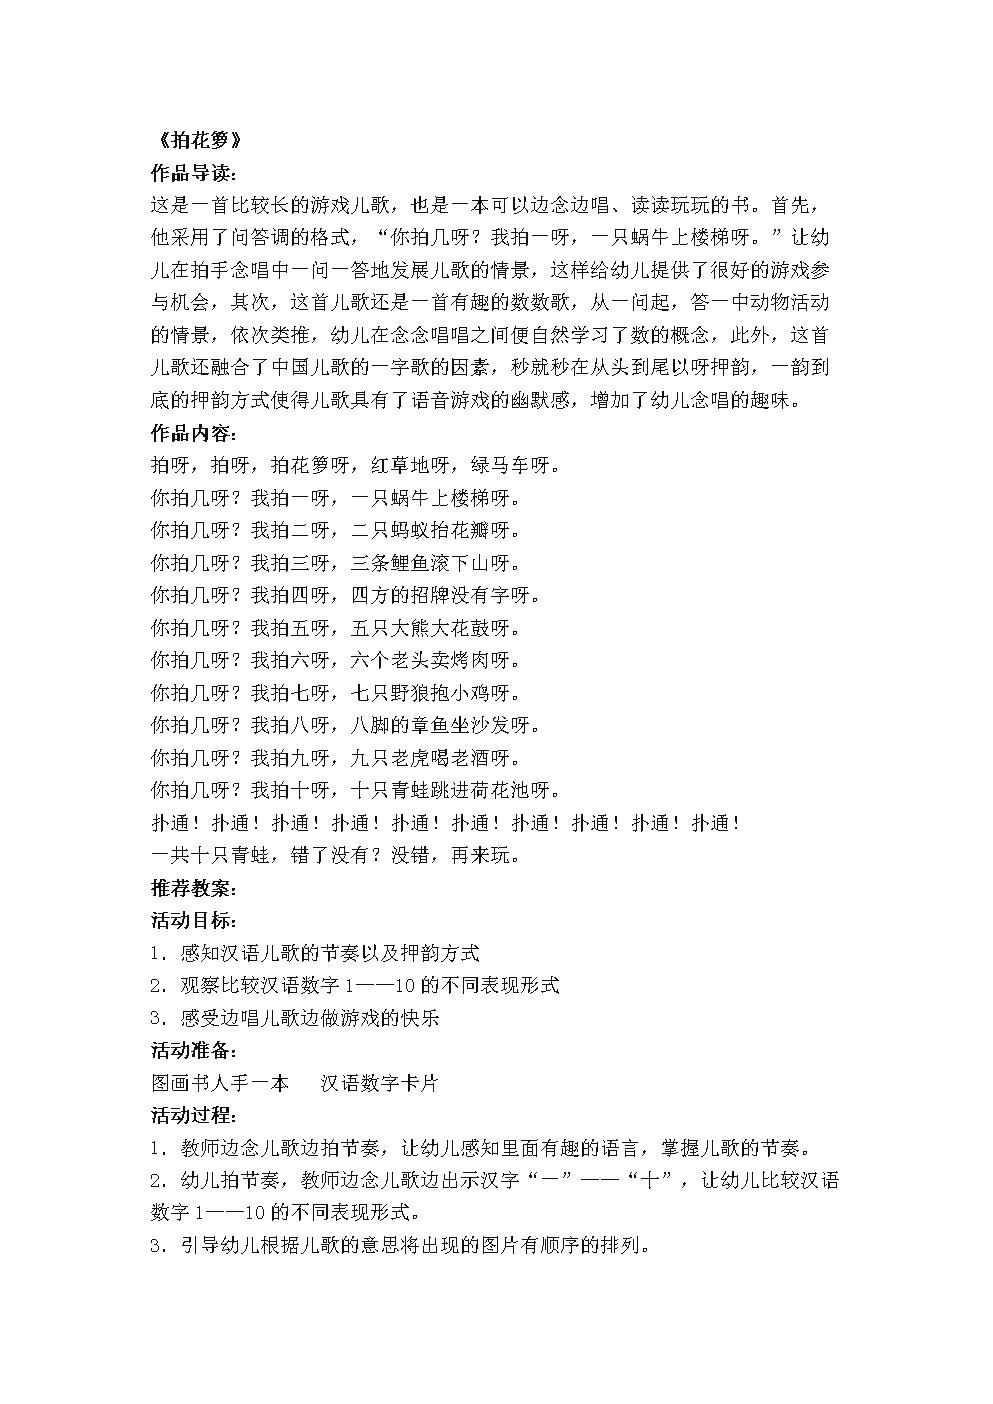 幼儿园专业教案之拍花箩.doc